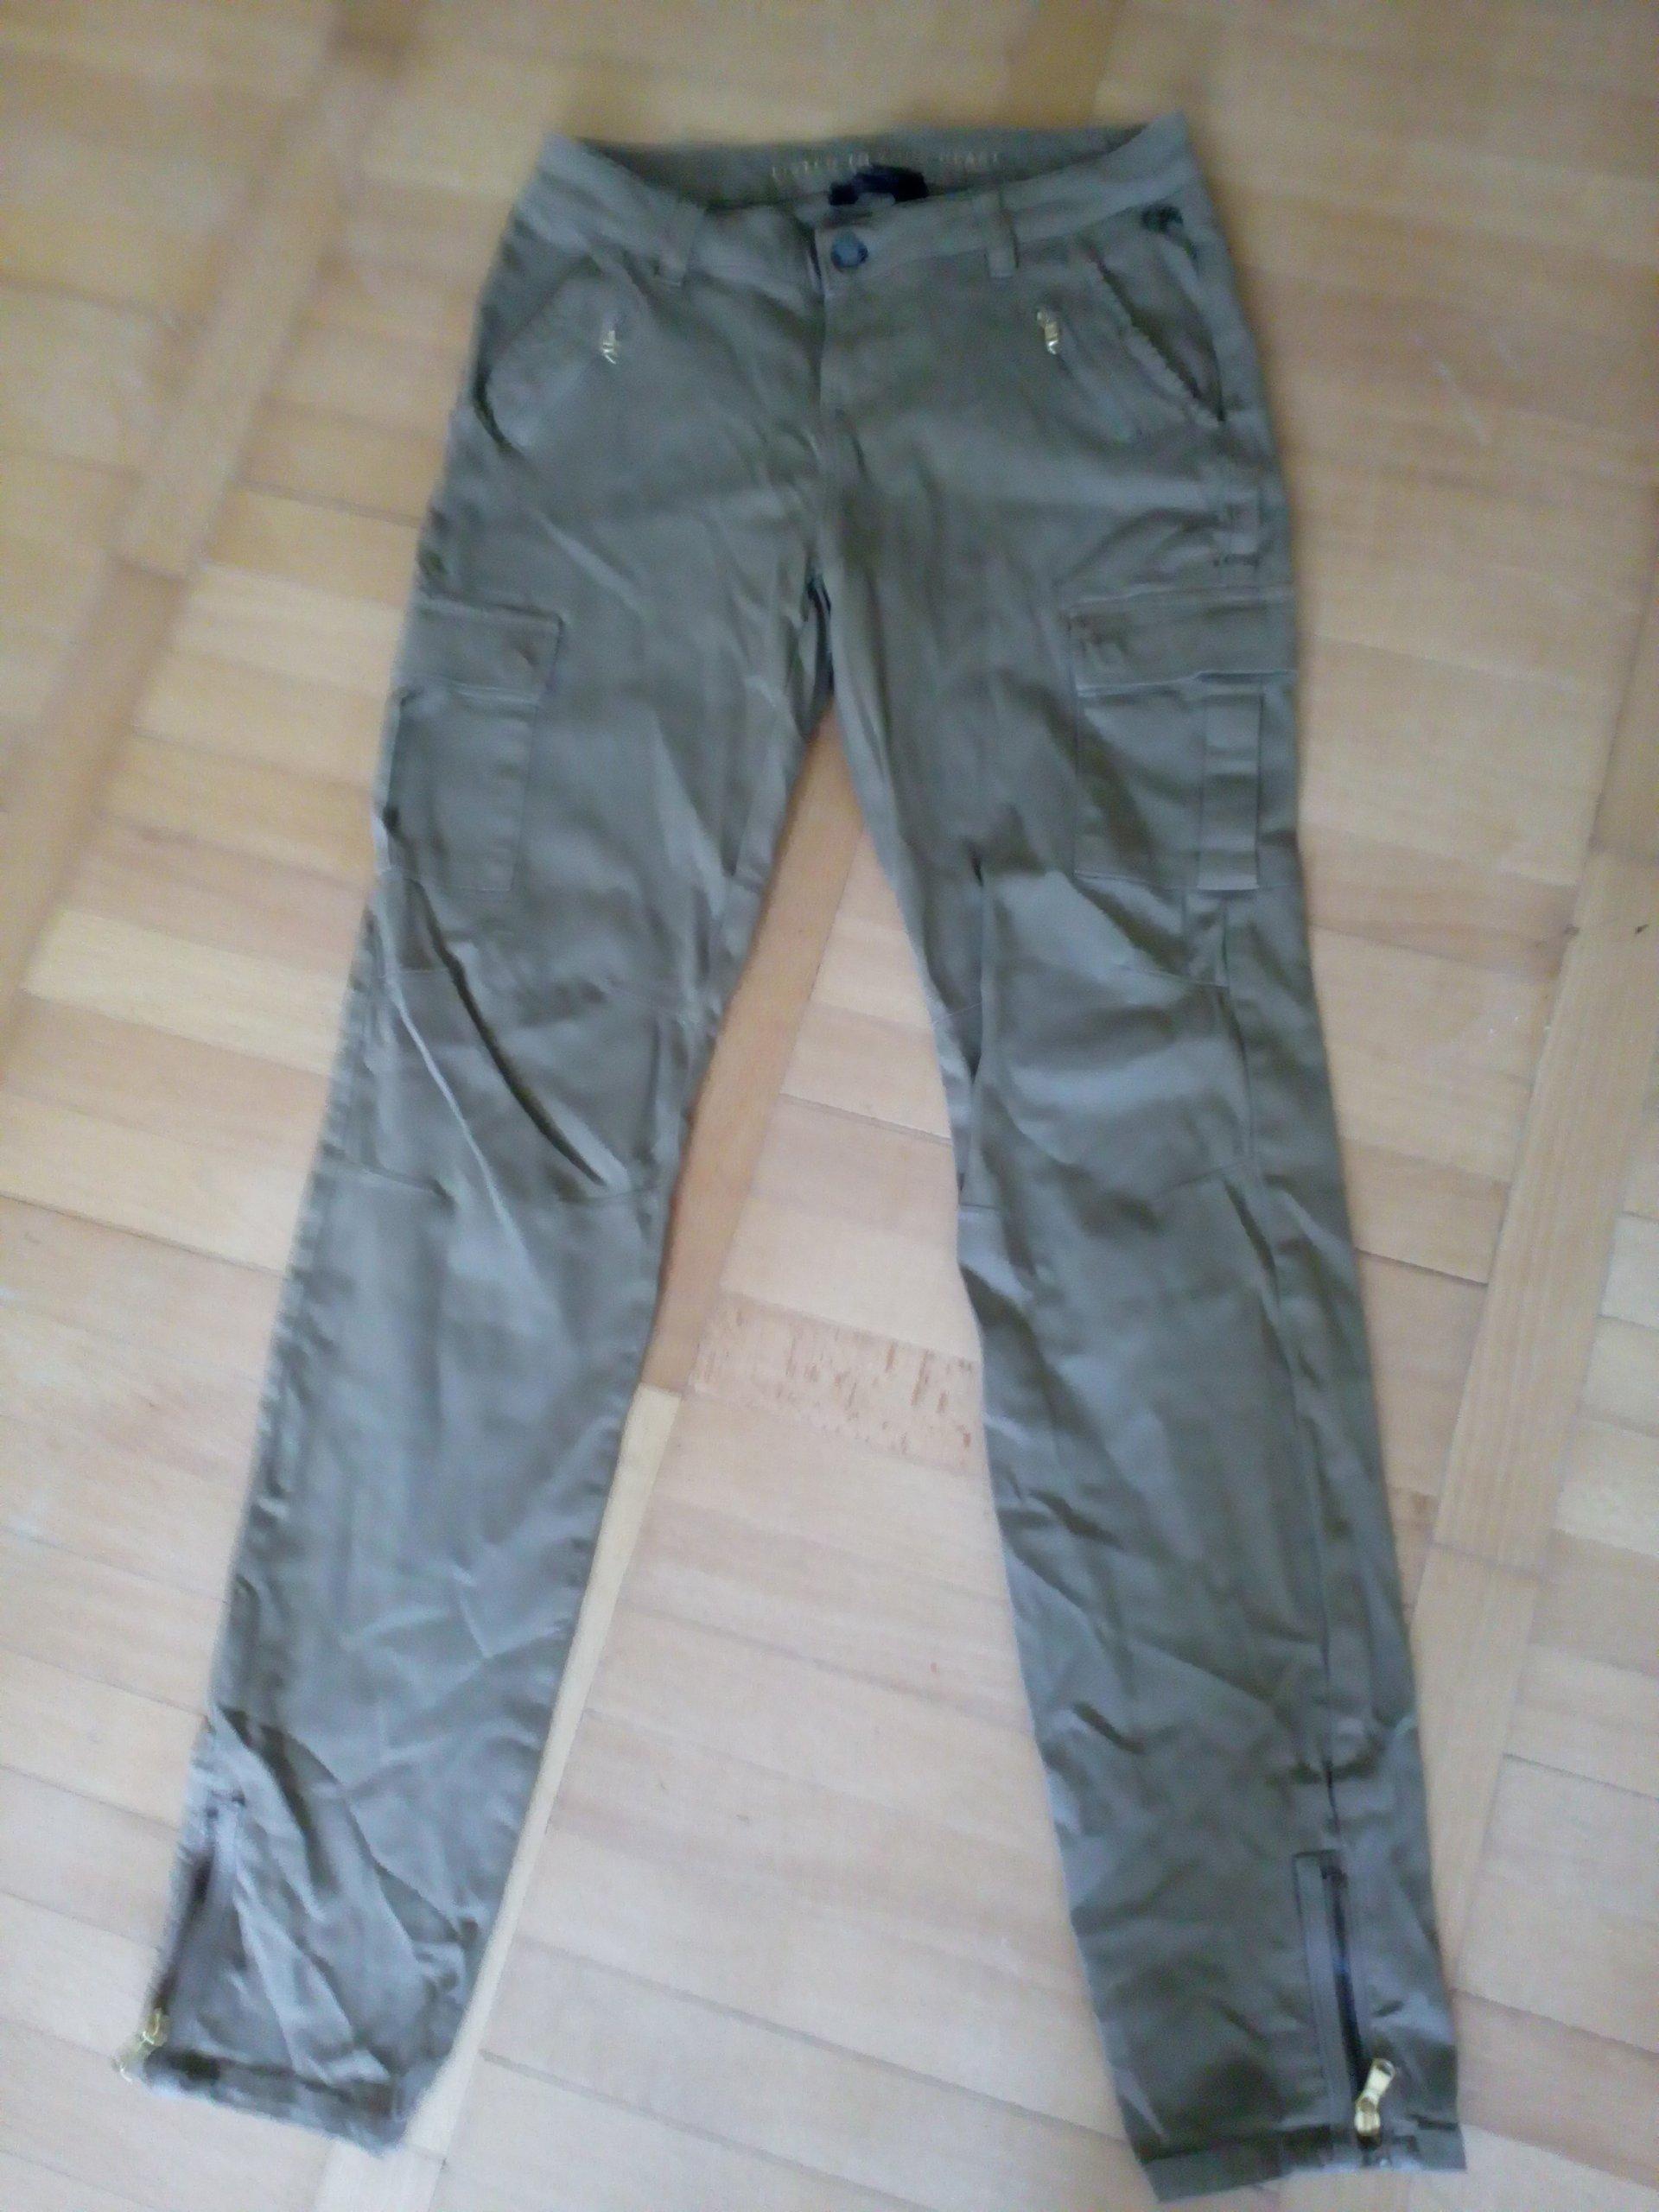 MOS MOSH spodnie jeans khaki 28 jak nowe